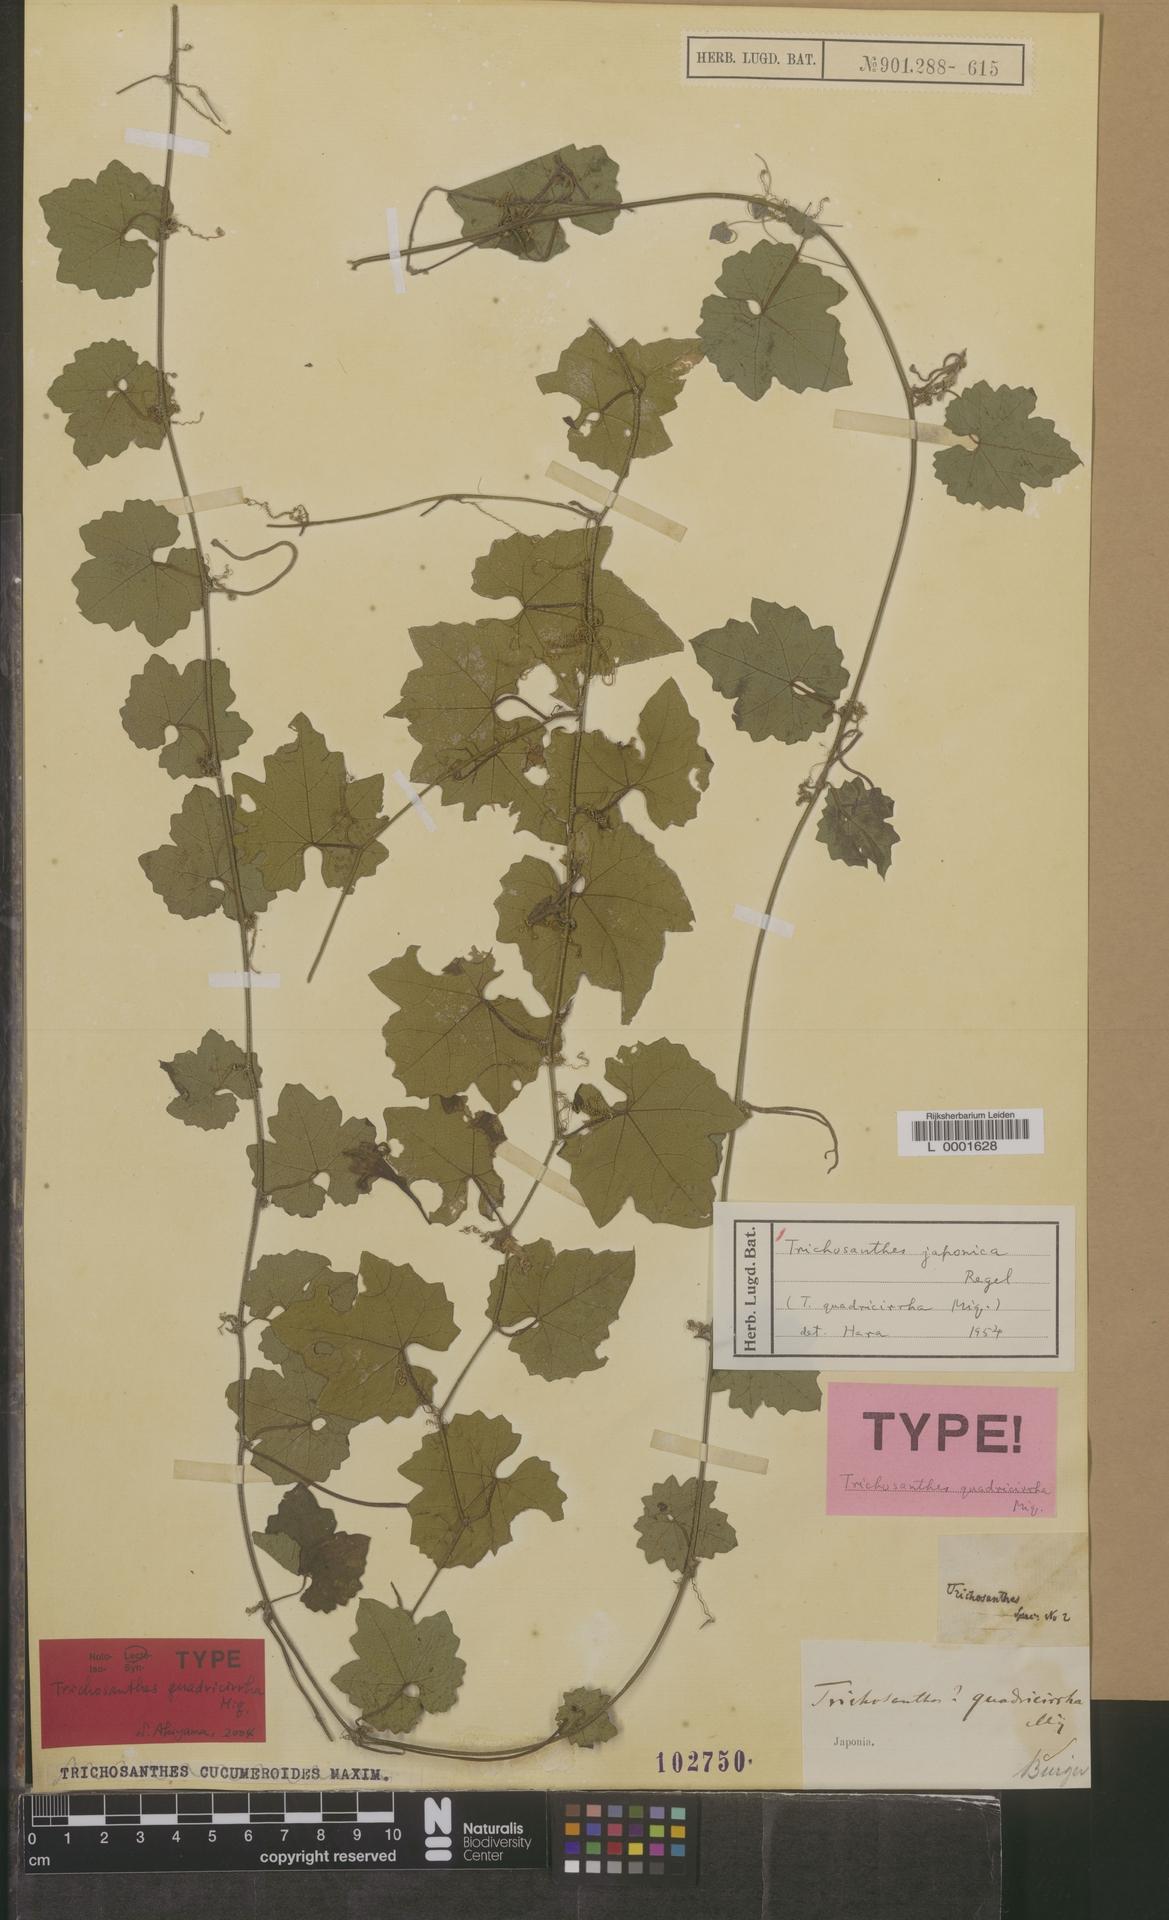 L  0001628 | Trichosanthes japonica Regel